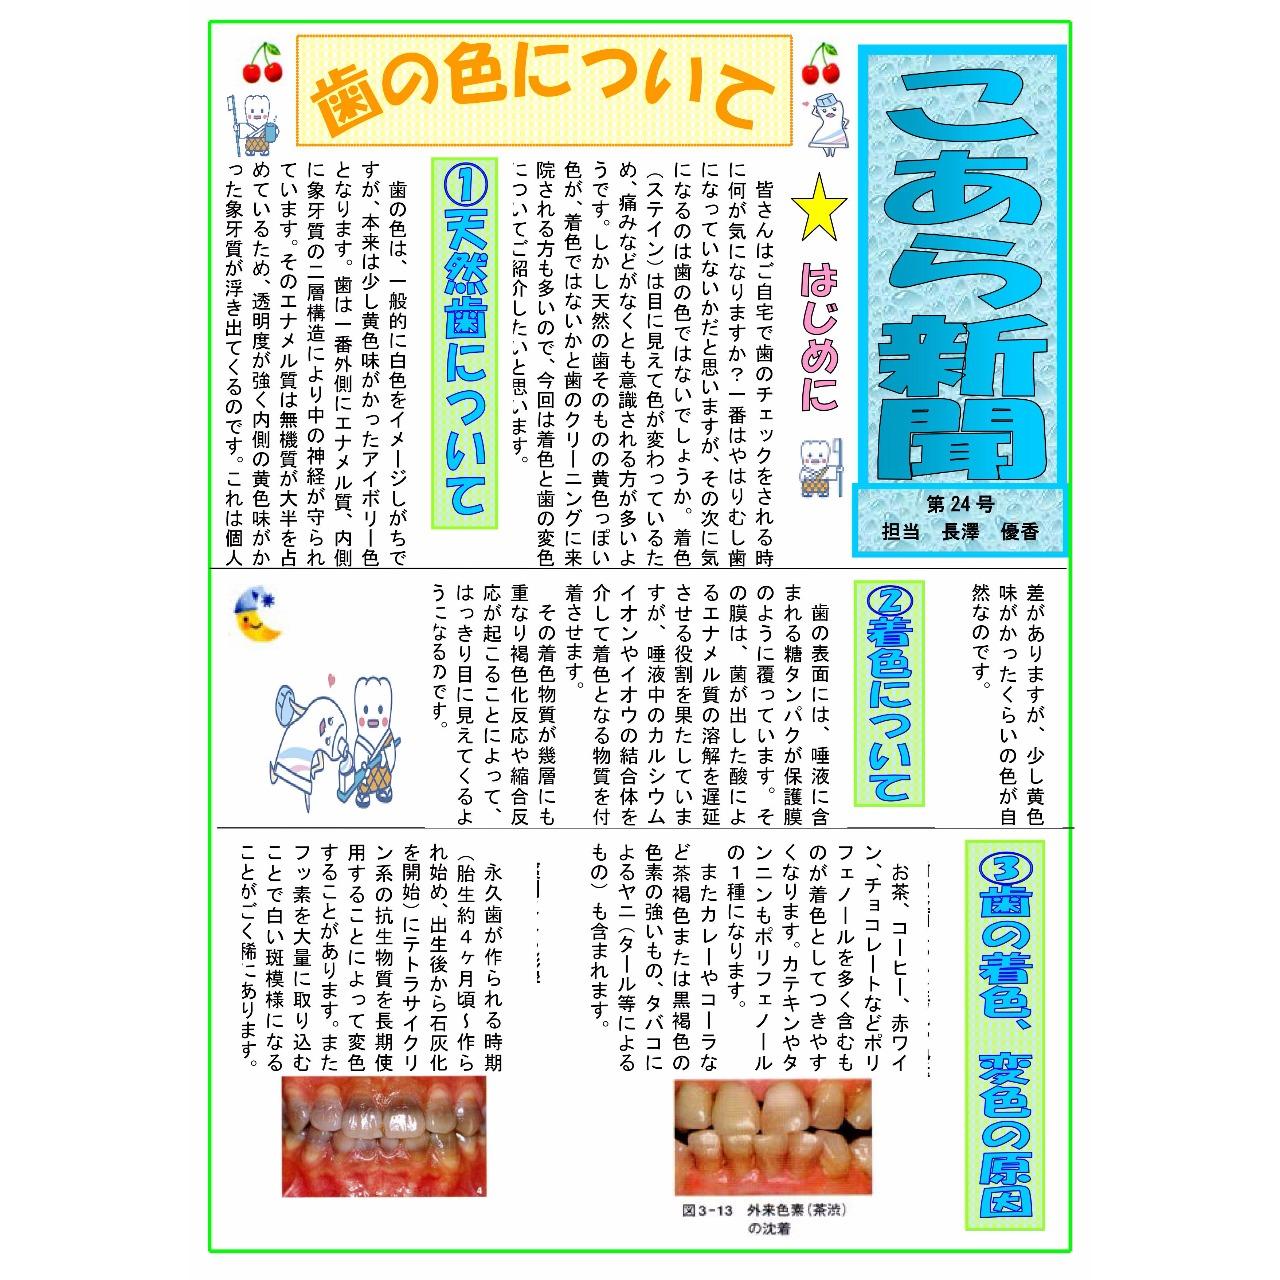 こあら新聞 第24号 担当 長澤